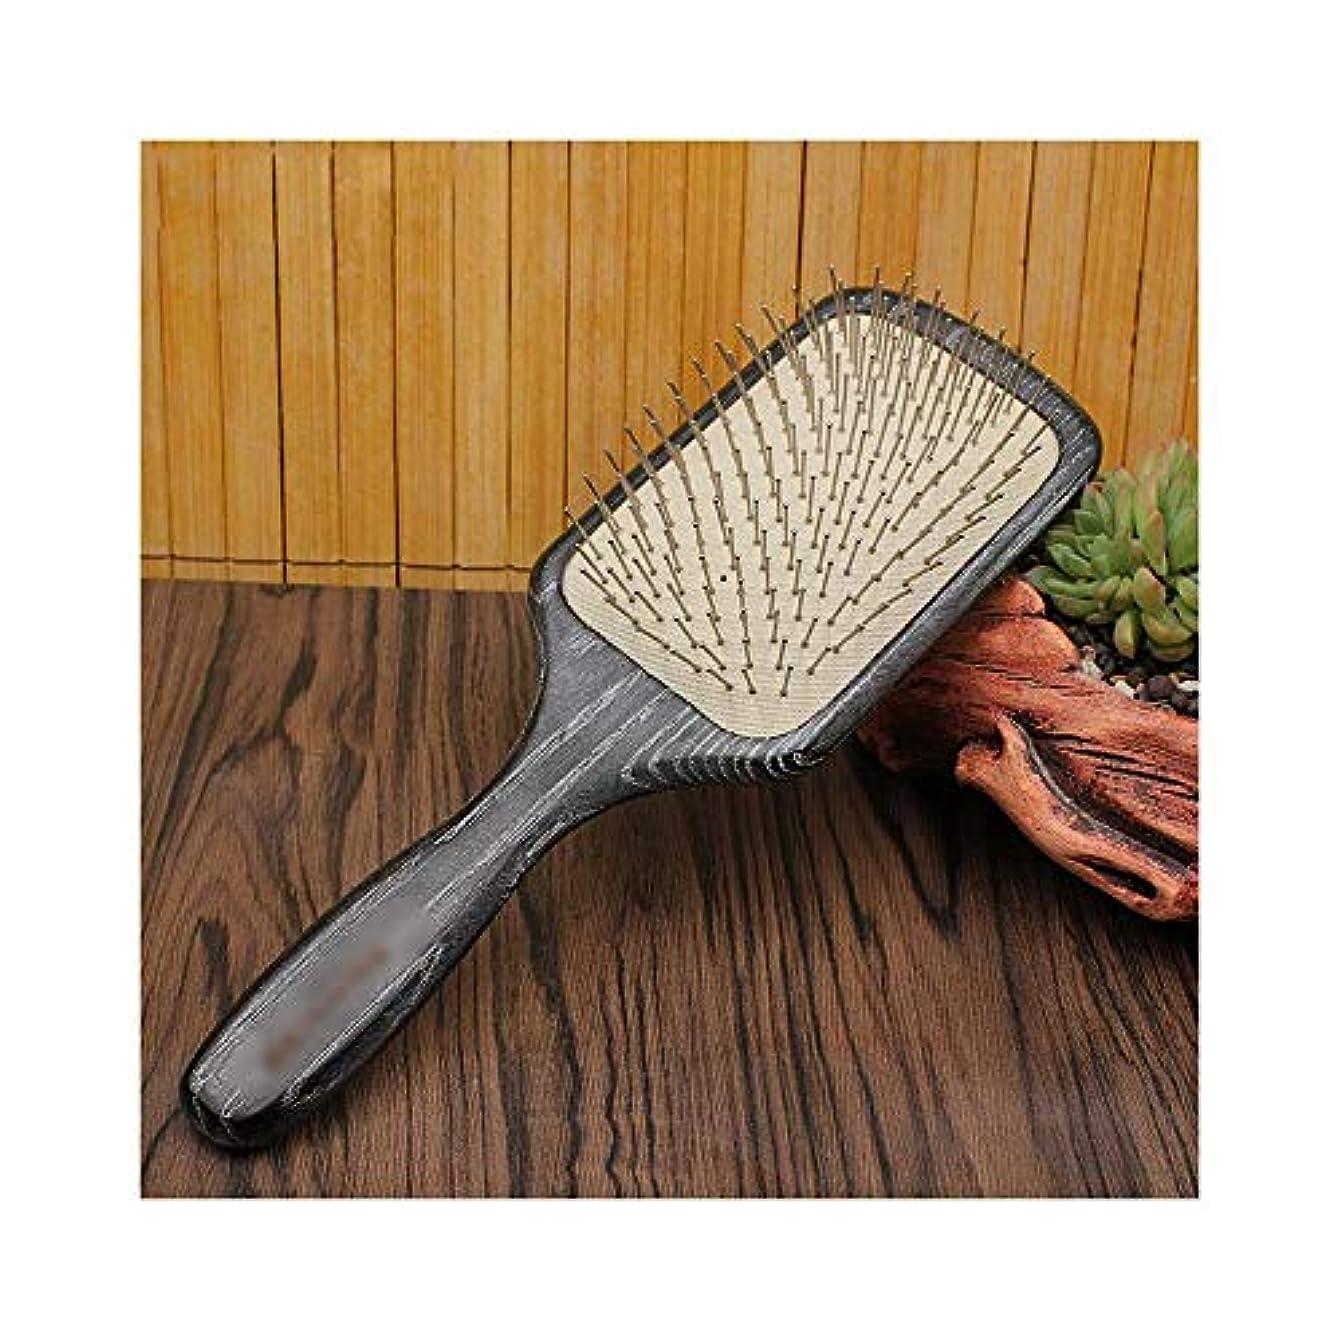 疑わしい邪魔十代WASAIO ヘアブラシ木製の手作りの頭皮マッサージエアクッションヘアコームリラックスとスタイリング帯電防止ブラシ (色 : Square)